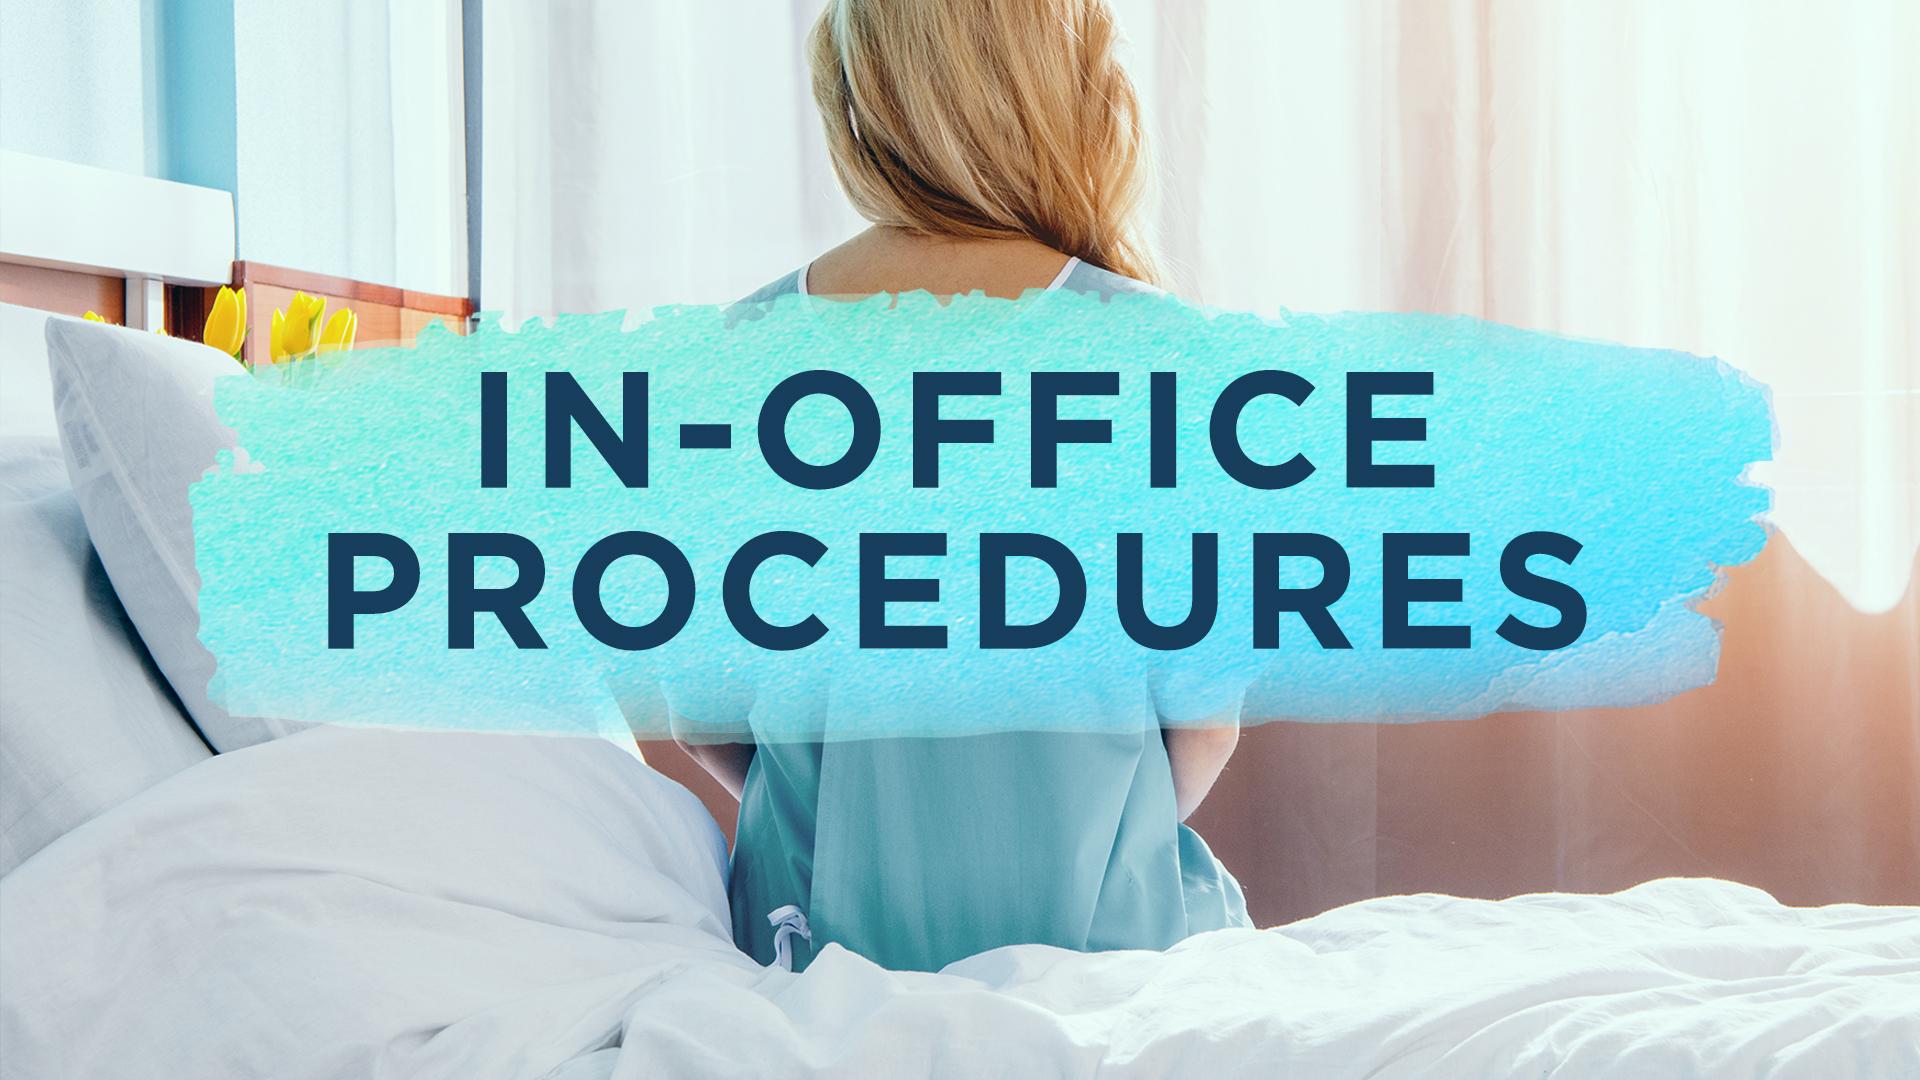 In-Office Procedures - Overlay.jpg